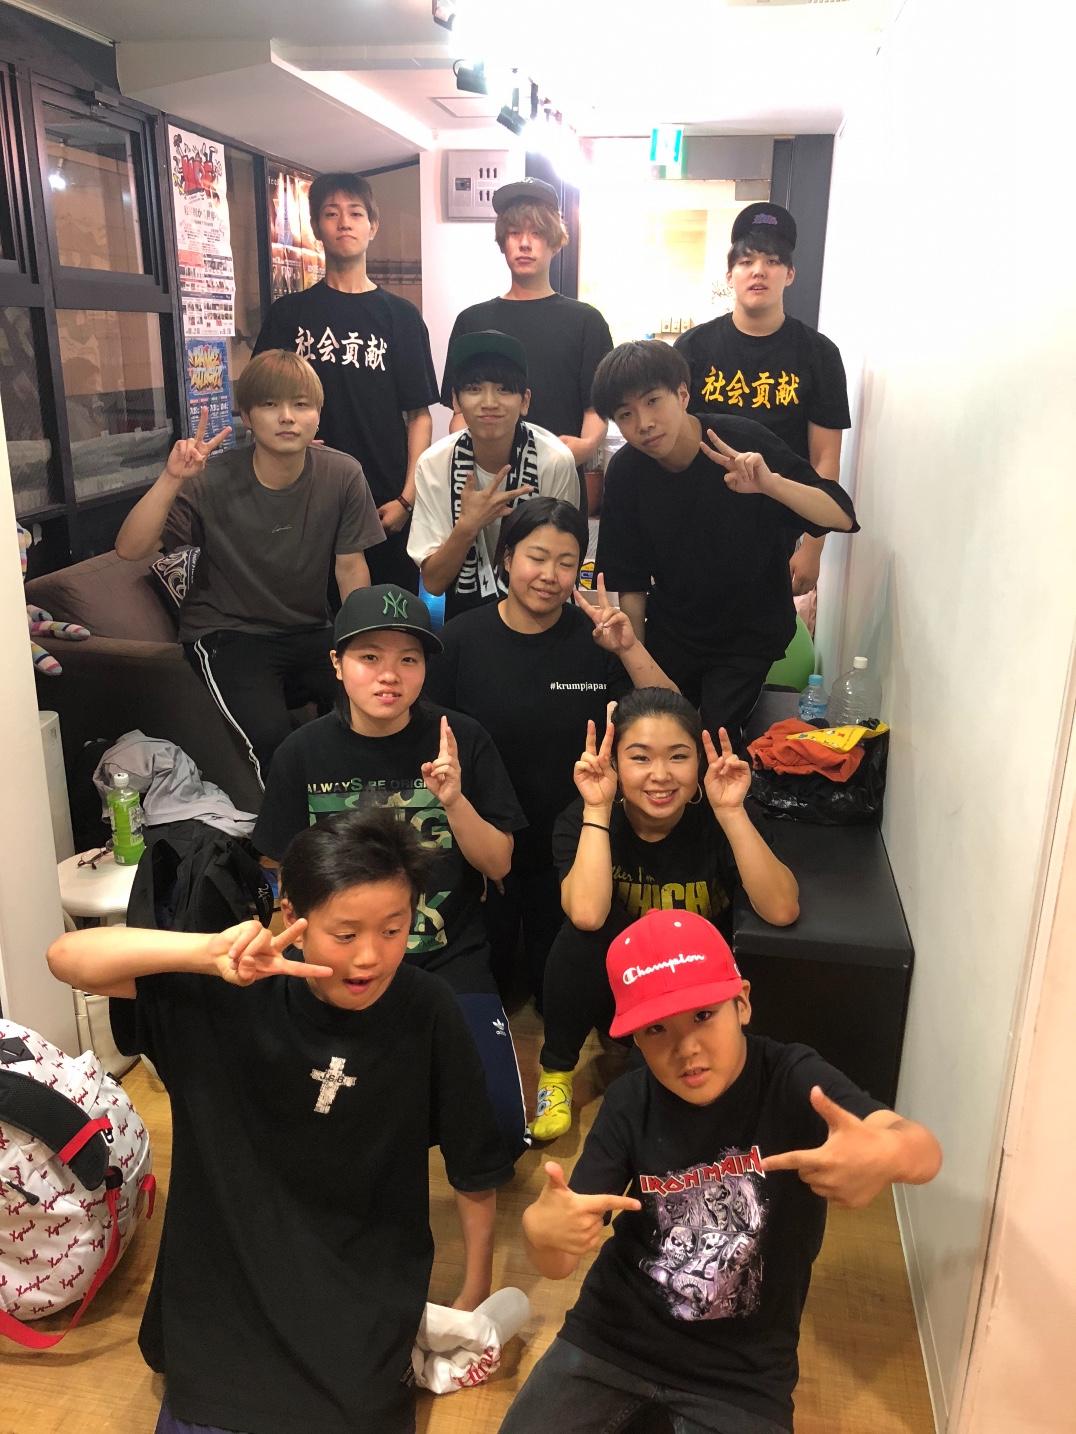 キッズストリートダンス教室「Nogata kids dance club」 【オンラインレッスン】